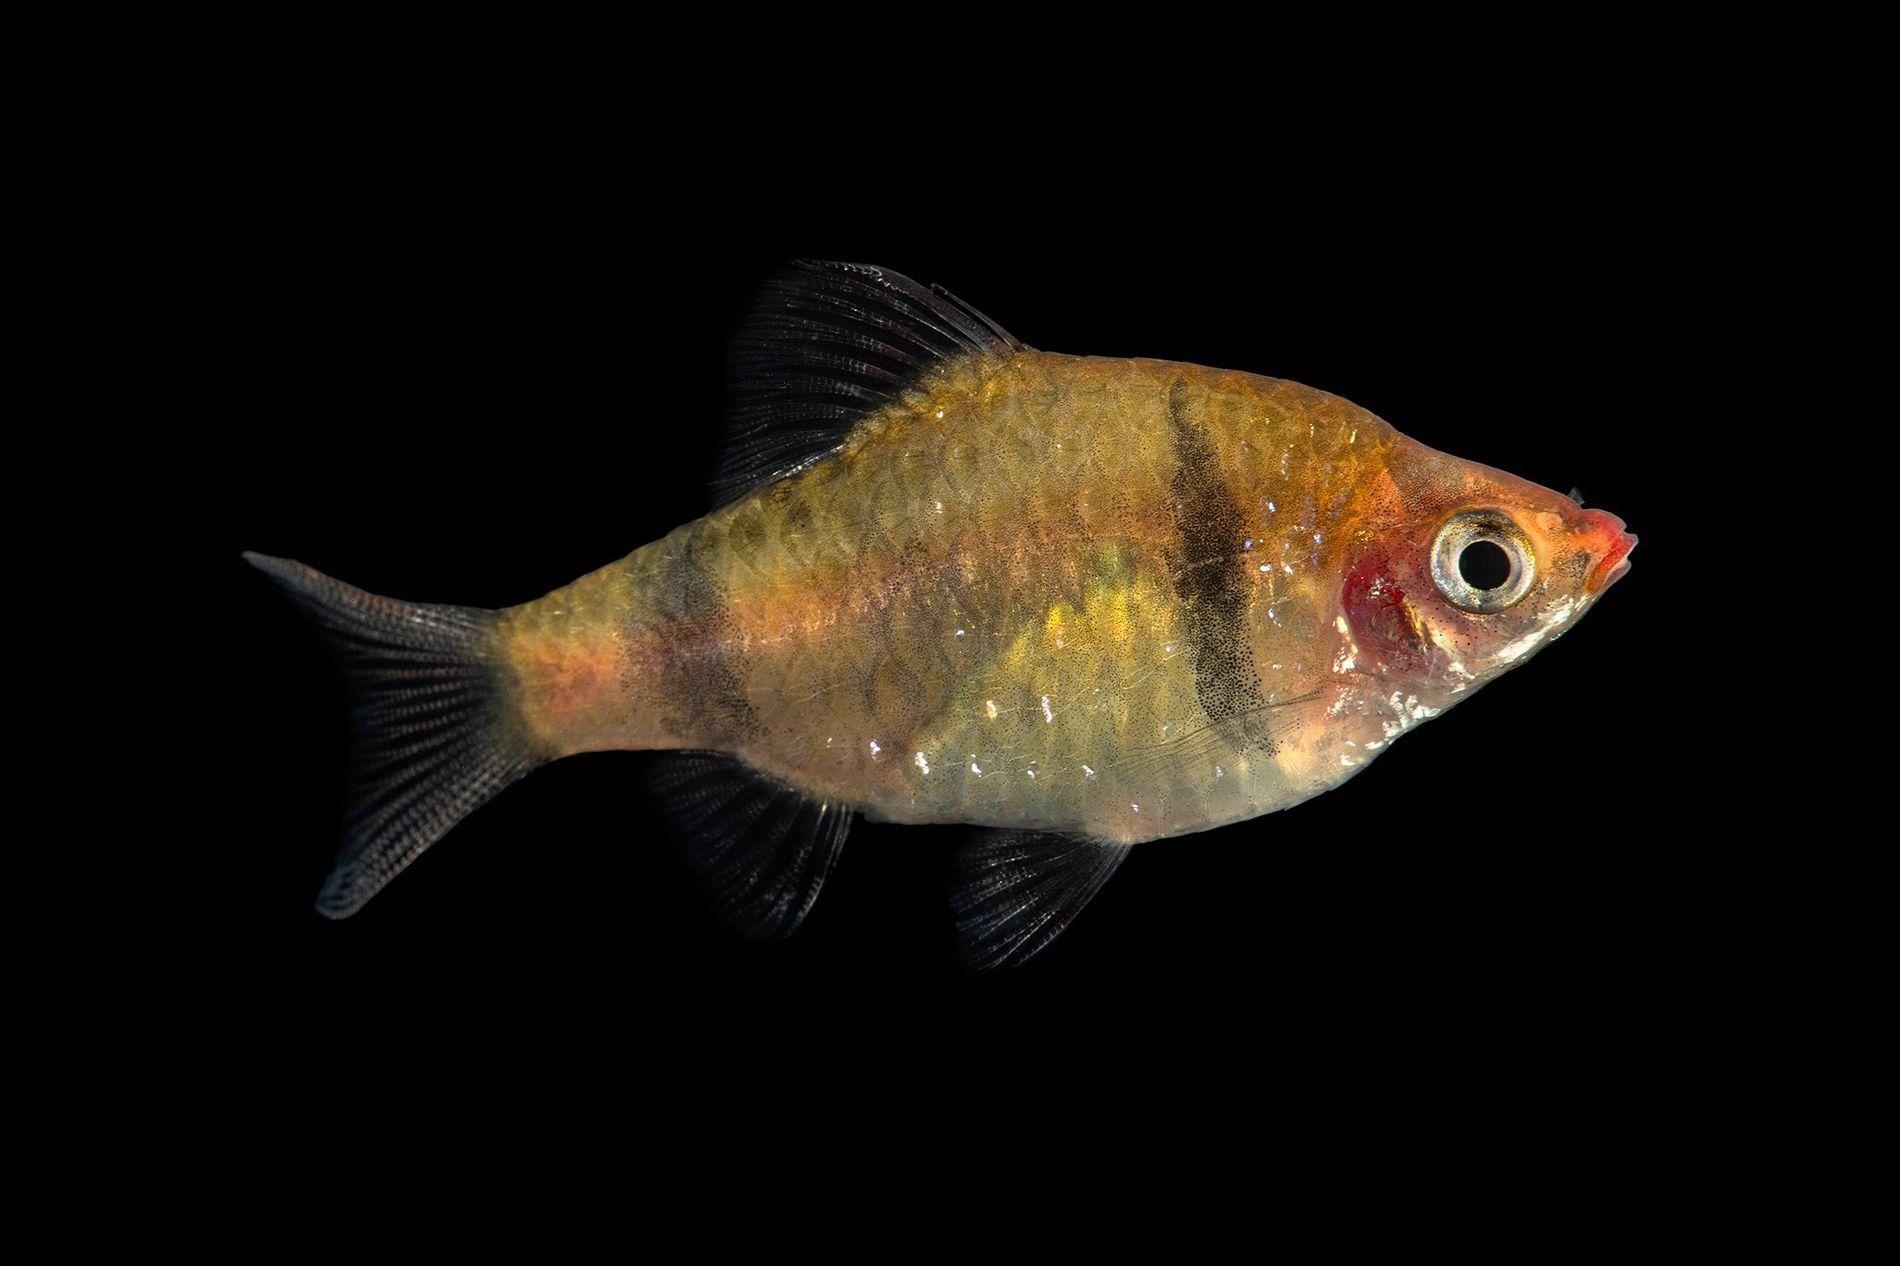 Un Pethia bandula fotografiado en el zoo de Plzeň, República Checa. Este pez de agua dulce está en peligro crítico de extinción y vive en un pequeño tramo de un arroyo en Sri Lanka.